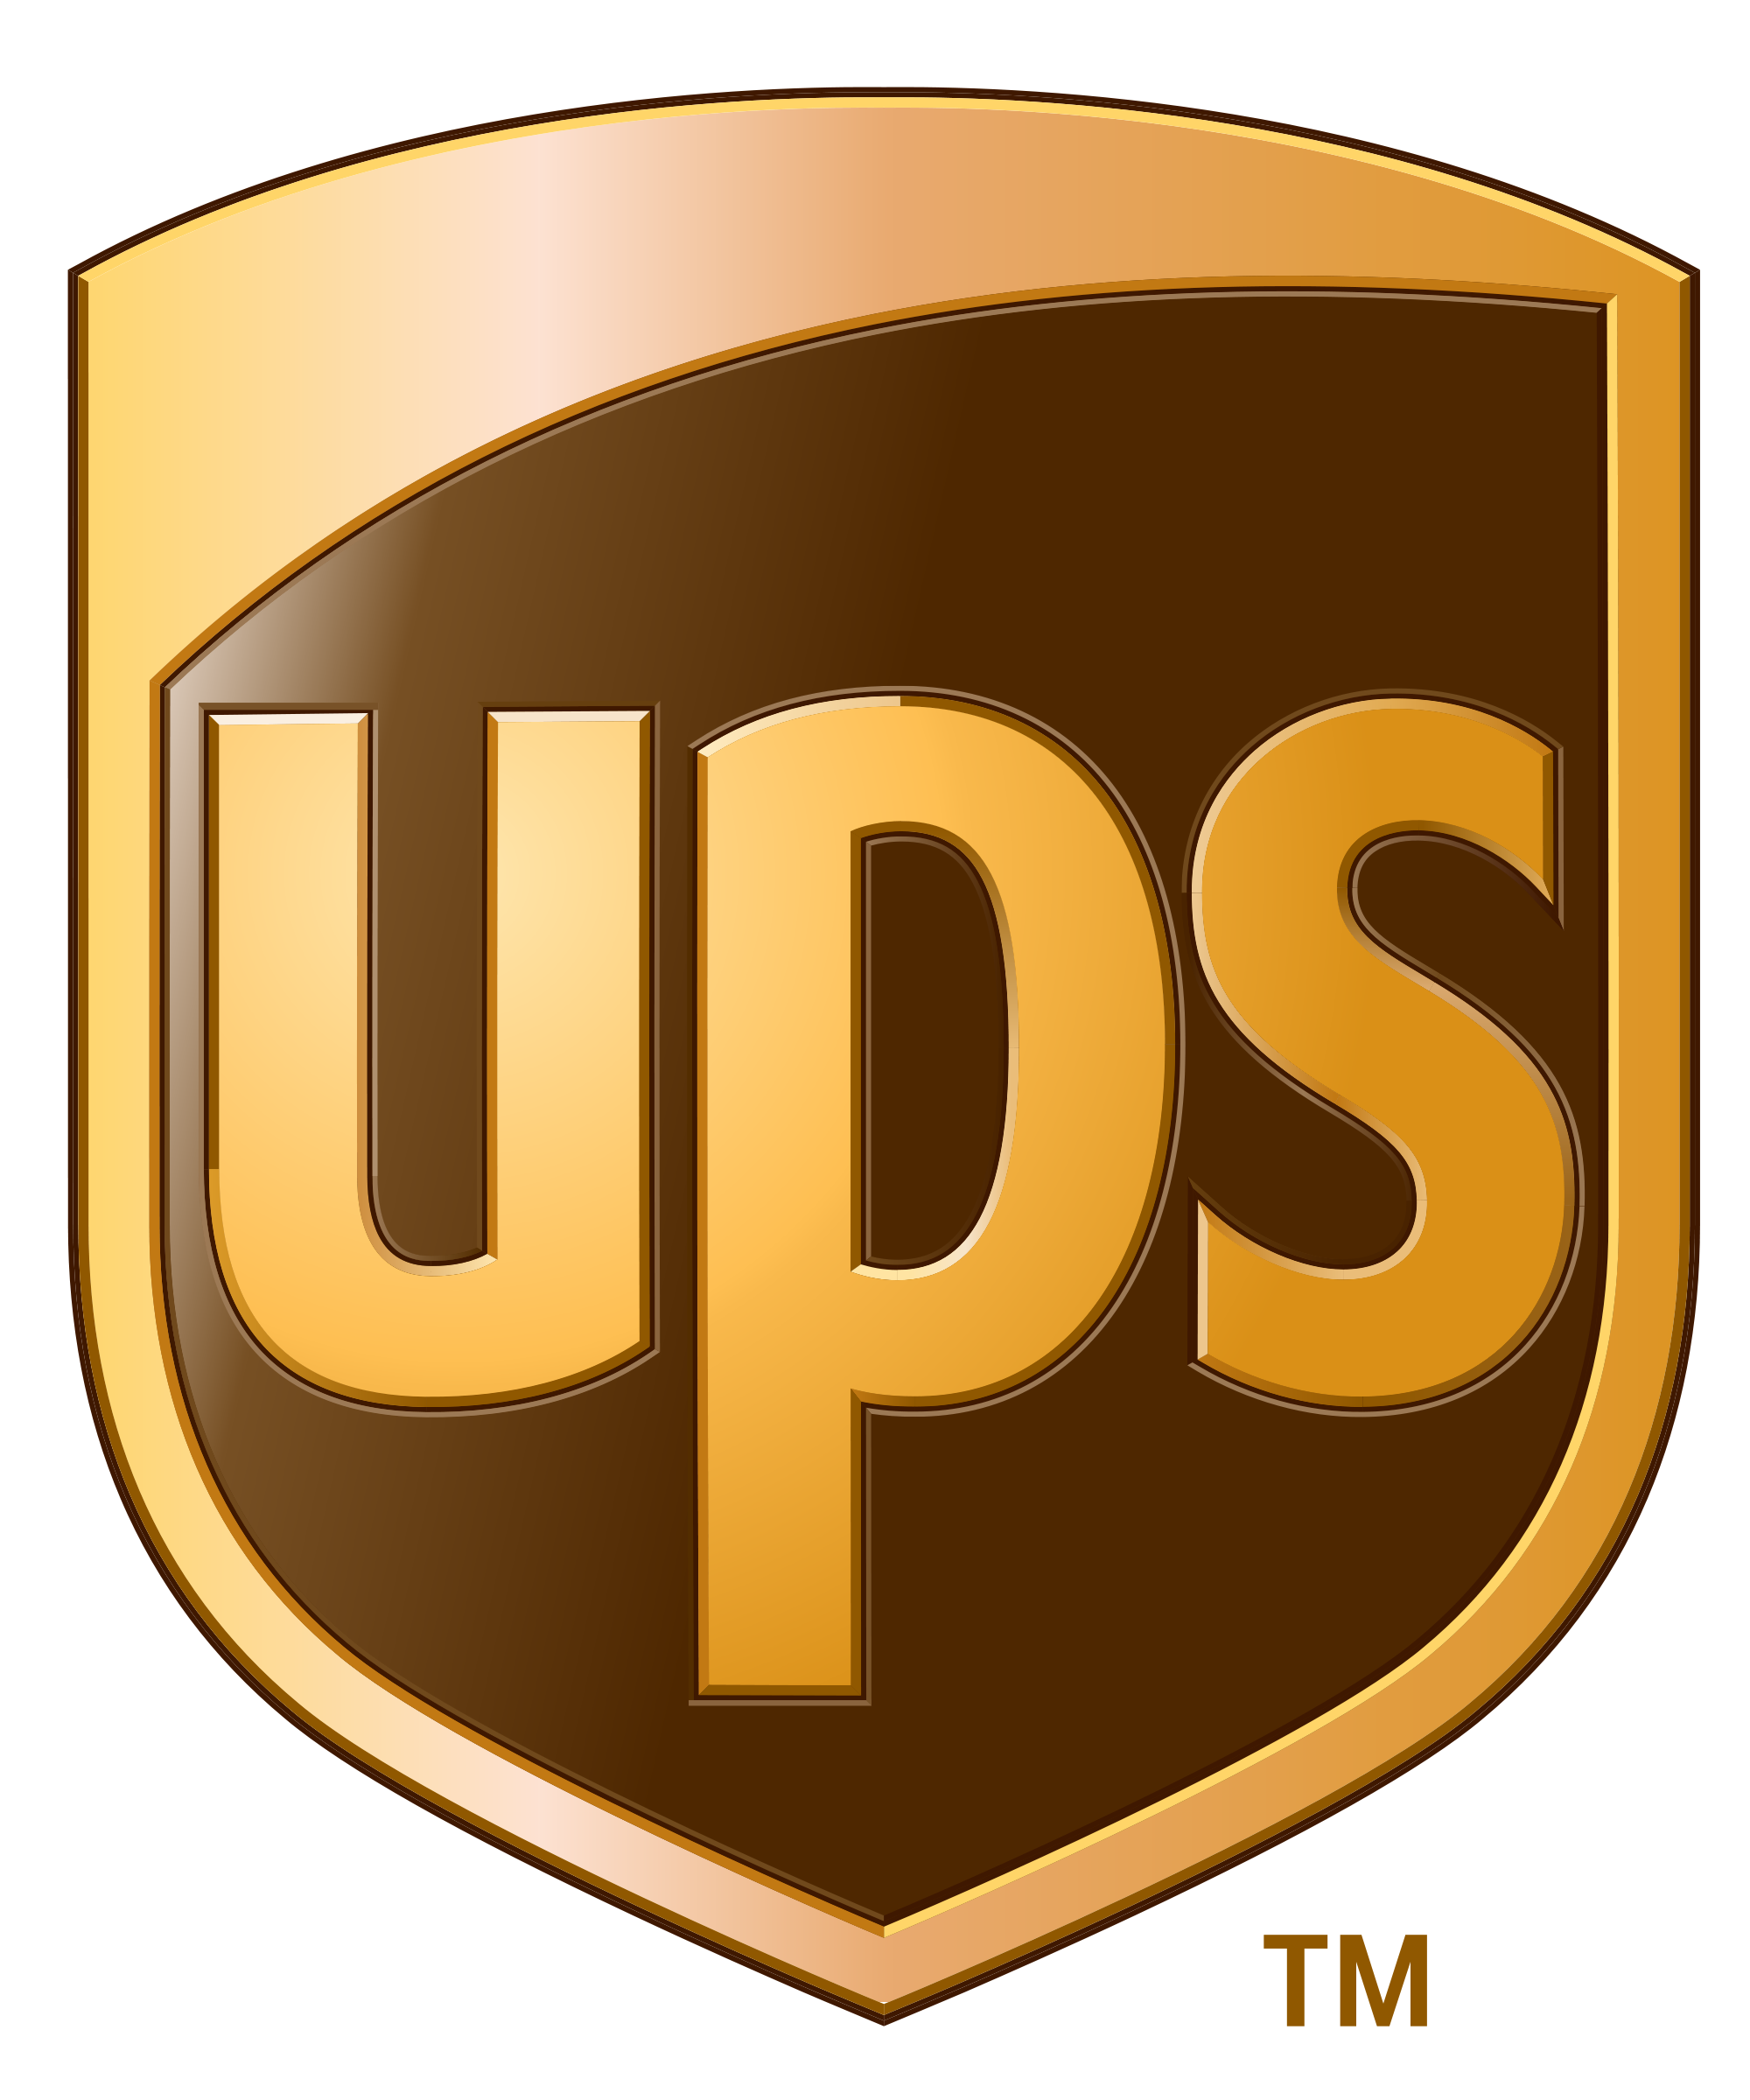 Bildergebnis für UPS